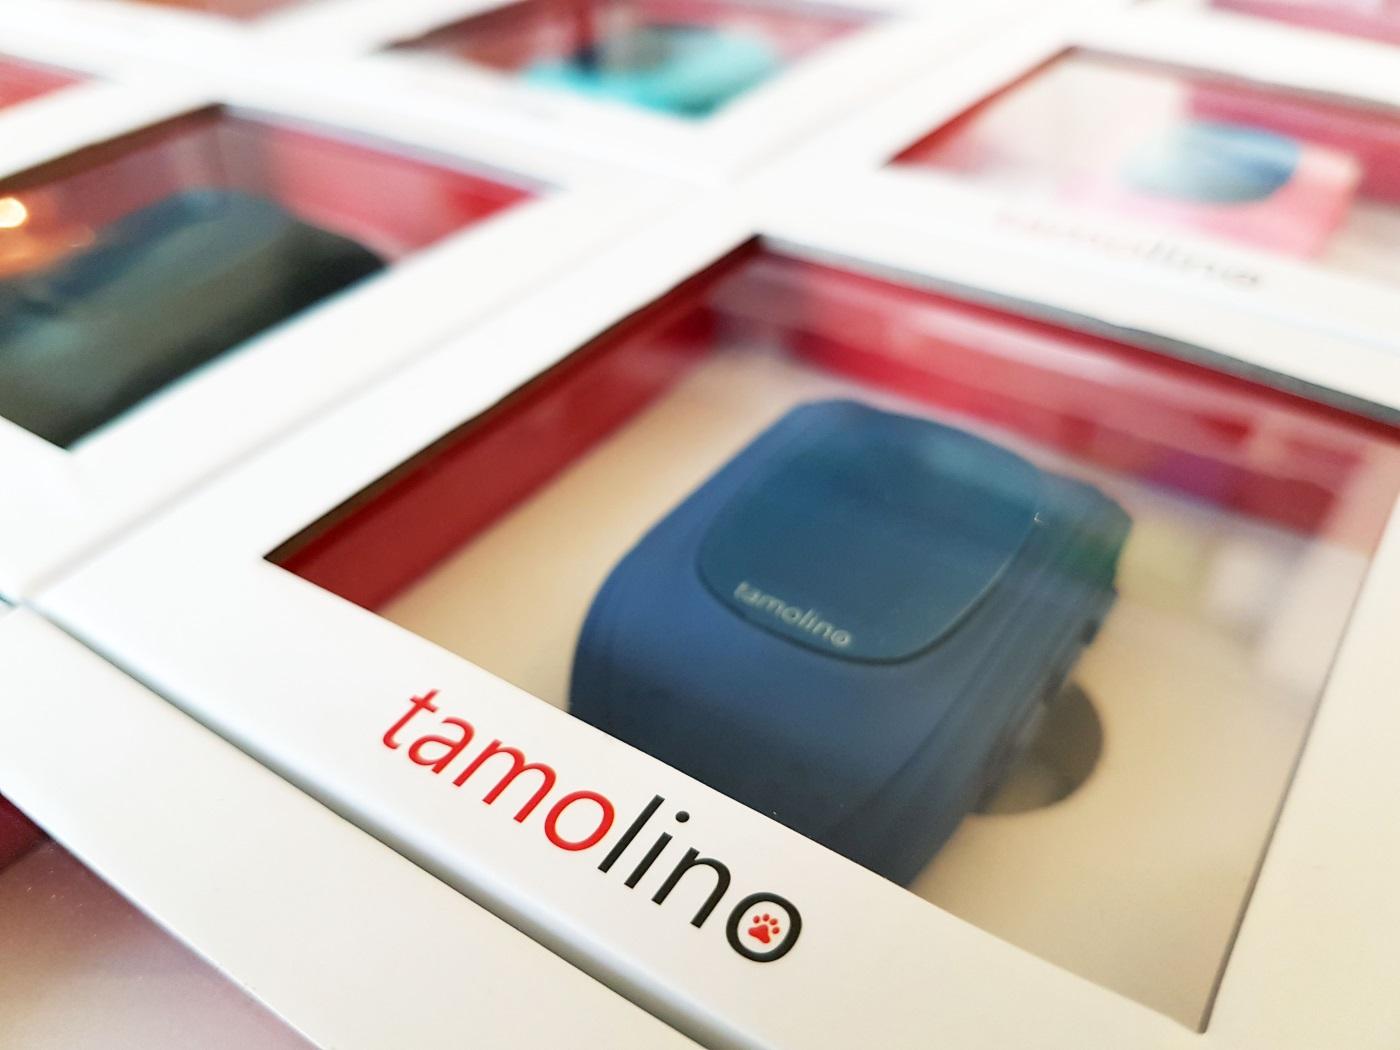 tamolino gps kinder tracking uhr news auslieferungstermin 2